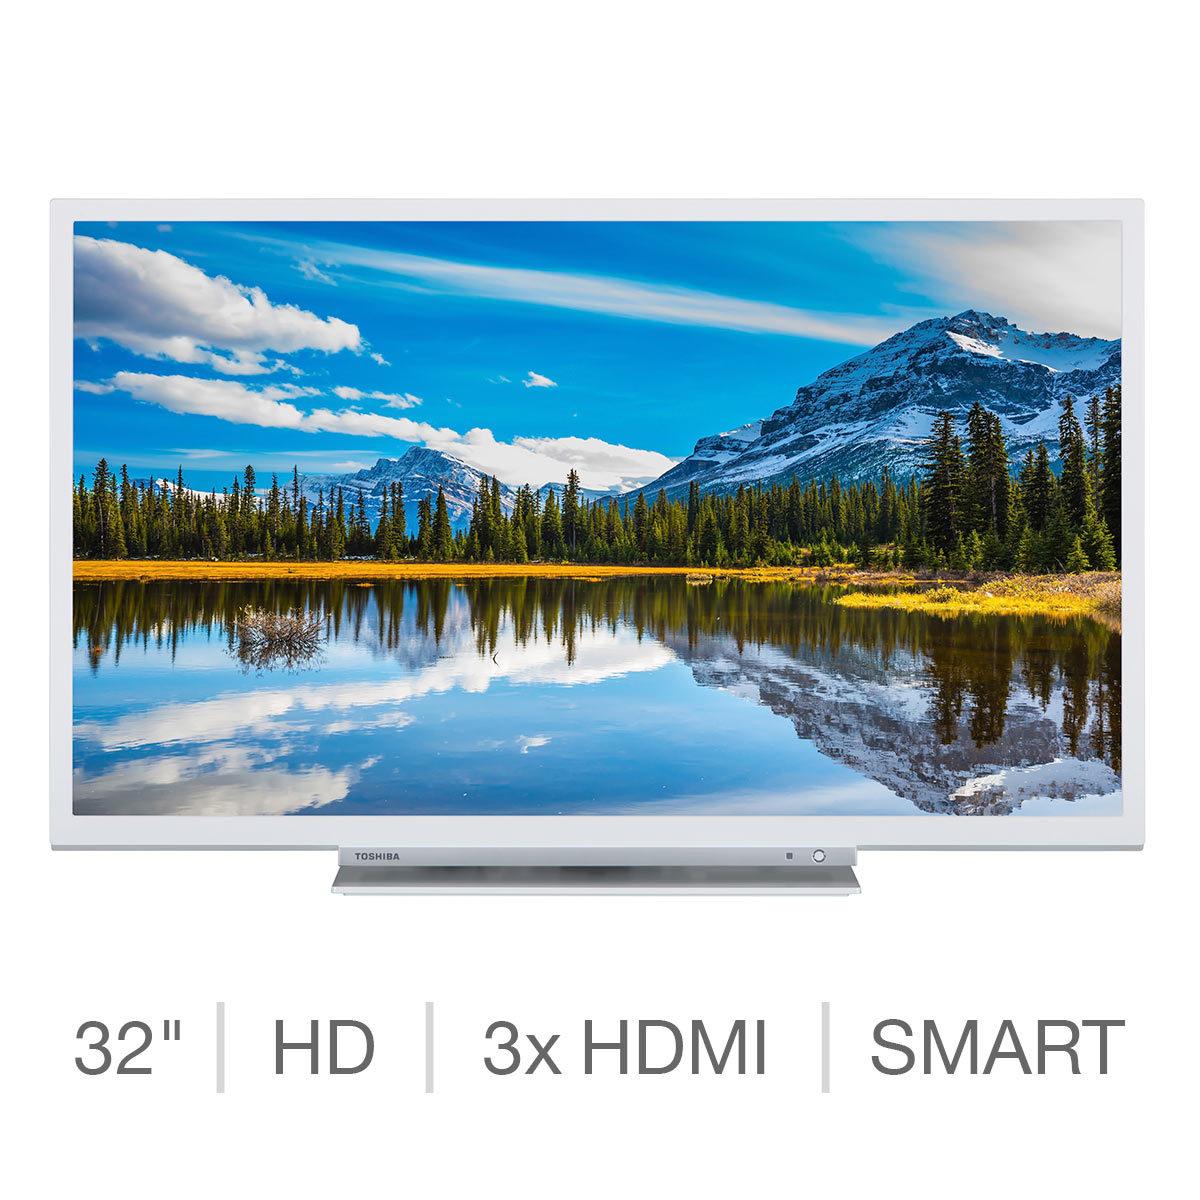 Toshiba 32W3864DB 32 Inch HD Ready SMART TV in White £144.99 @ Costco